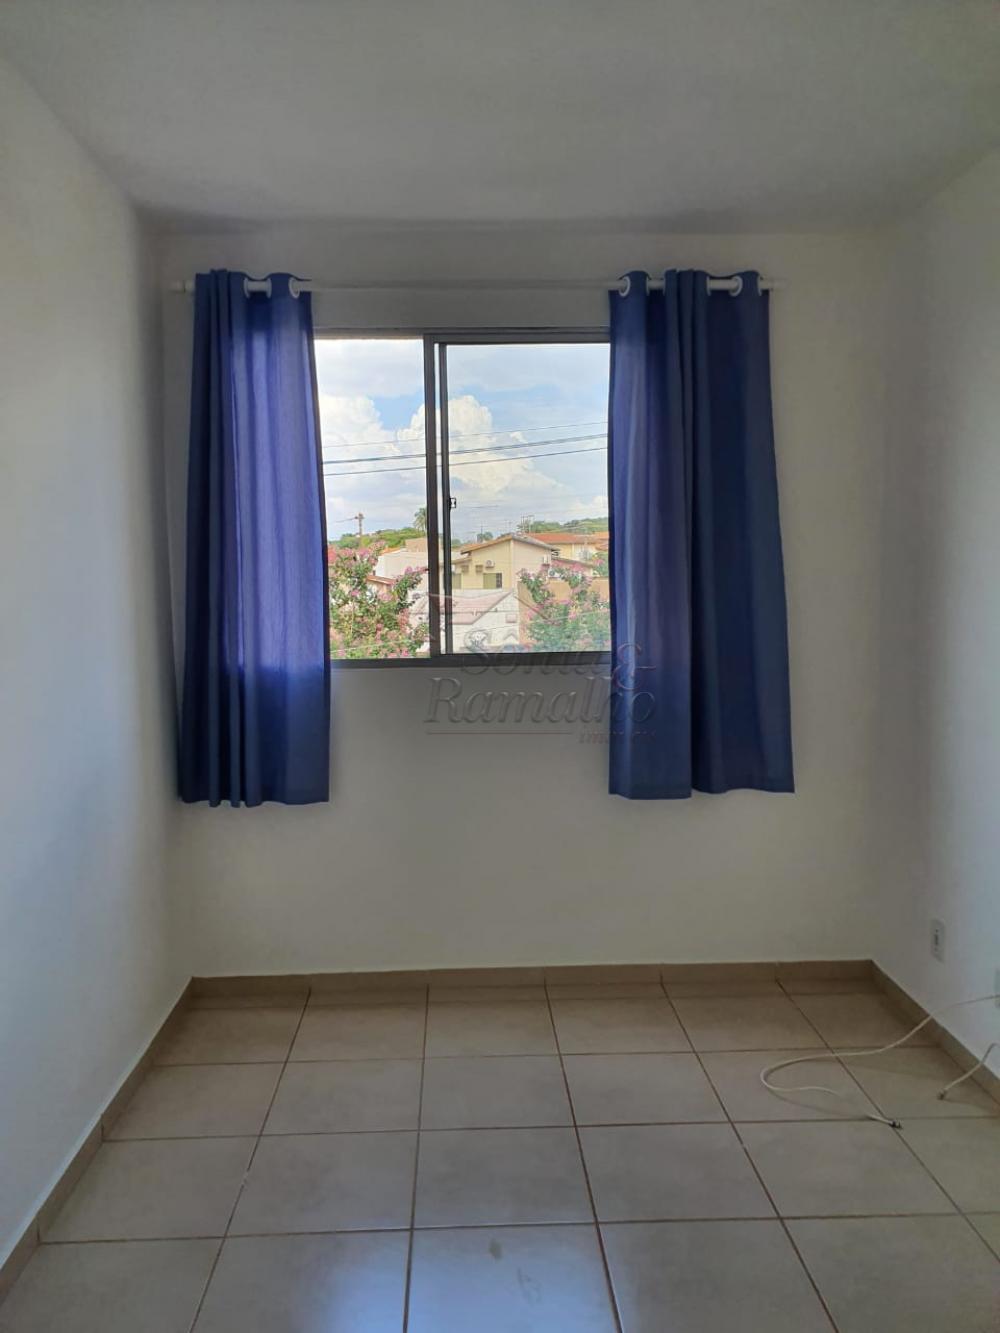 Alugar Apartamentos / Padrão em Ribeirão Preto R$ 850,00 - Foto 15